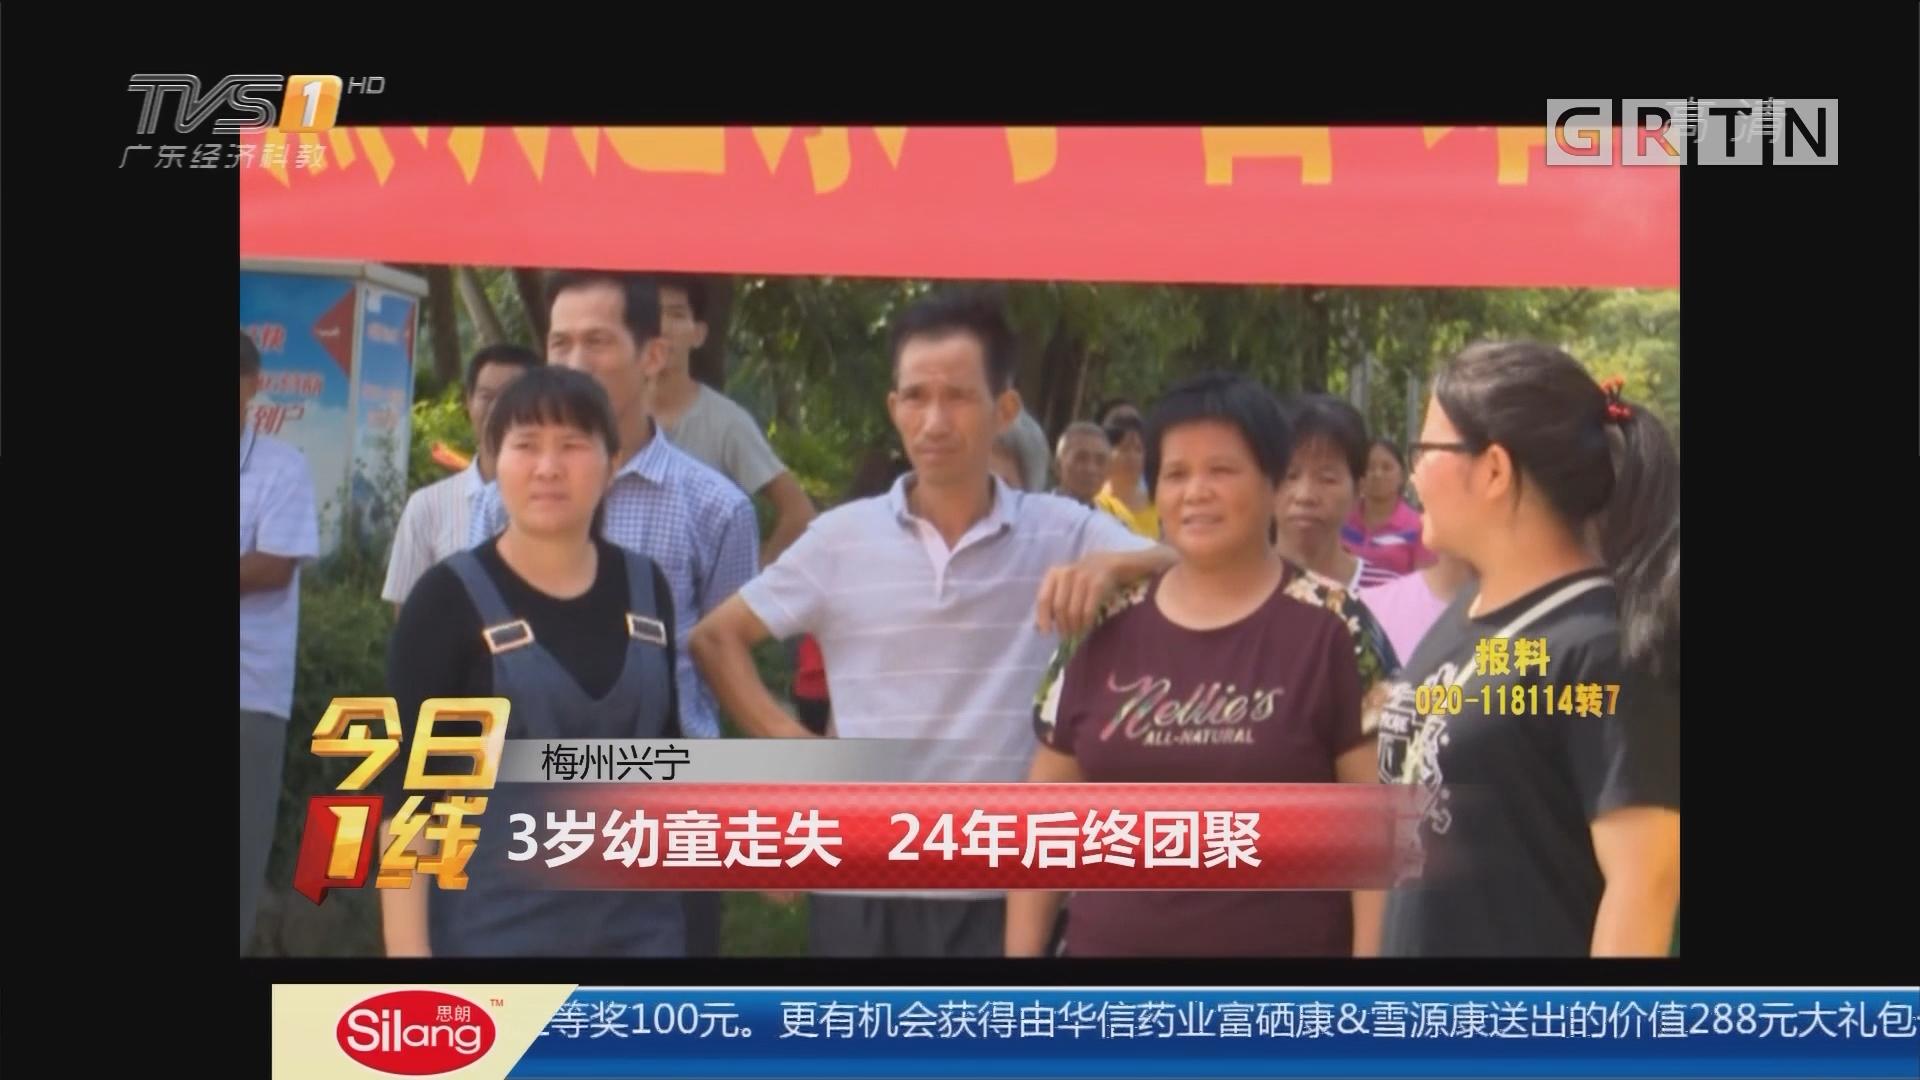 梅州兴宁:3岁幼童走失 24年后终团聚